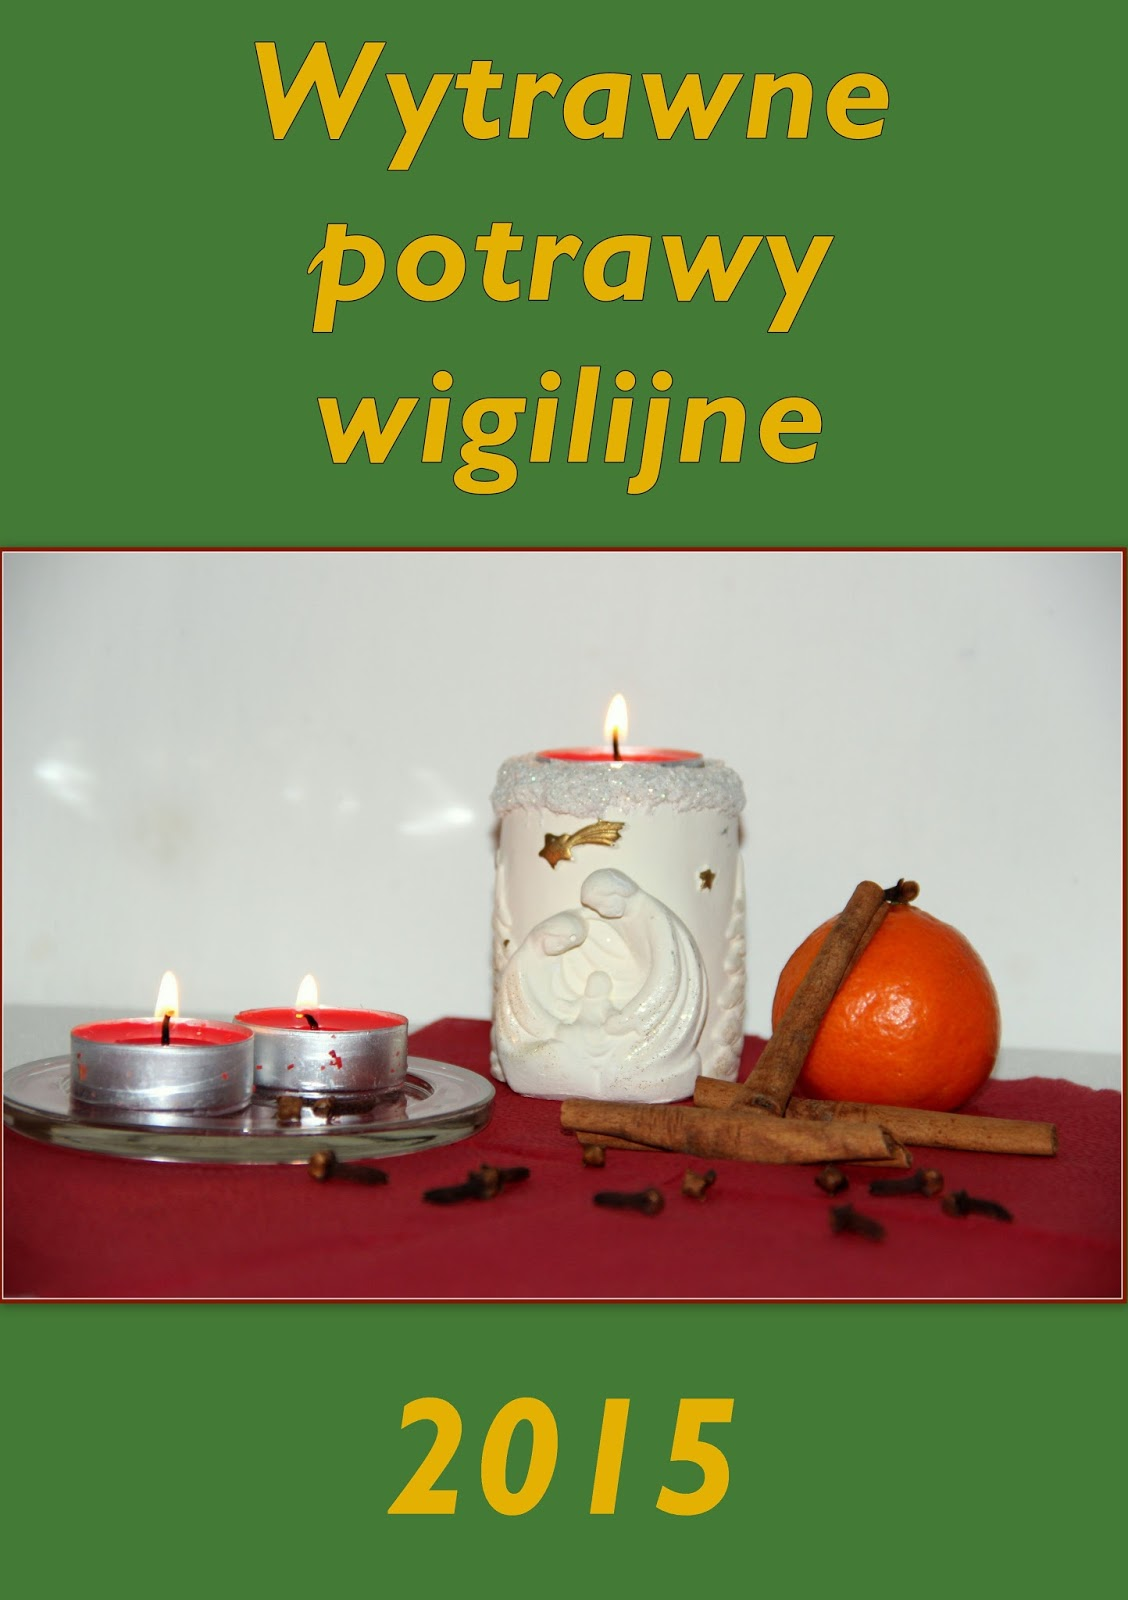 http://weekendywdomuiogrodzie.blogspot.com/2015/12/wytrawne-potrawy-wigilijne-zaproszenie.html